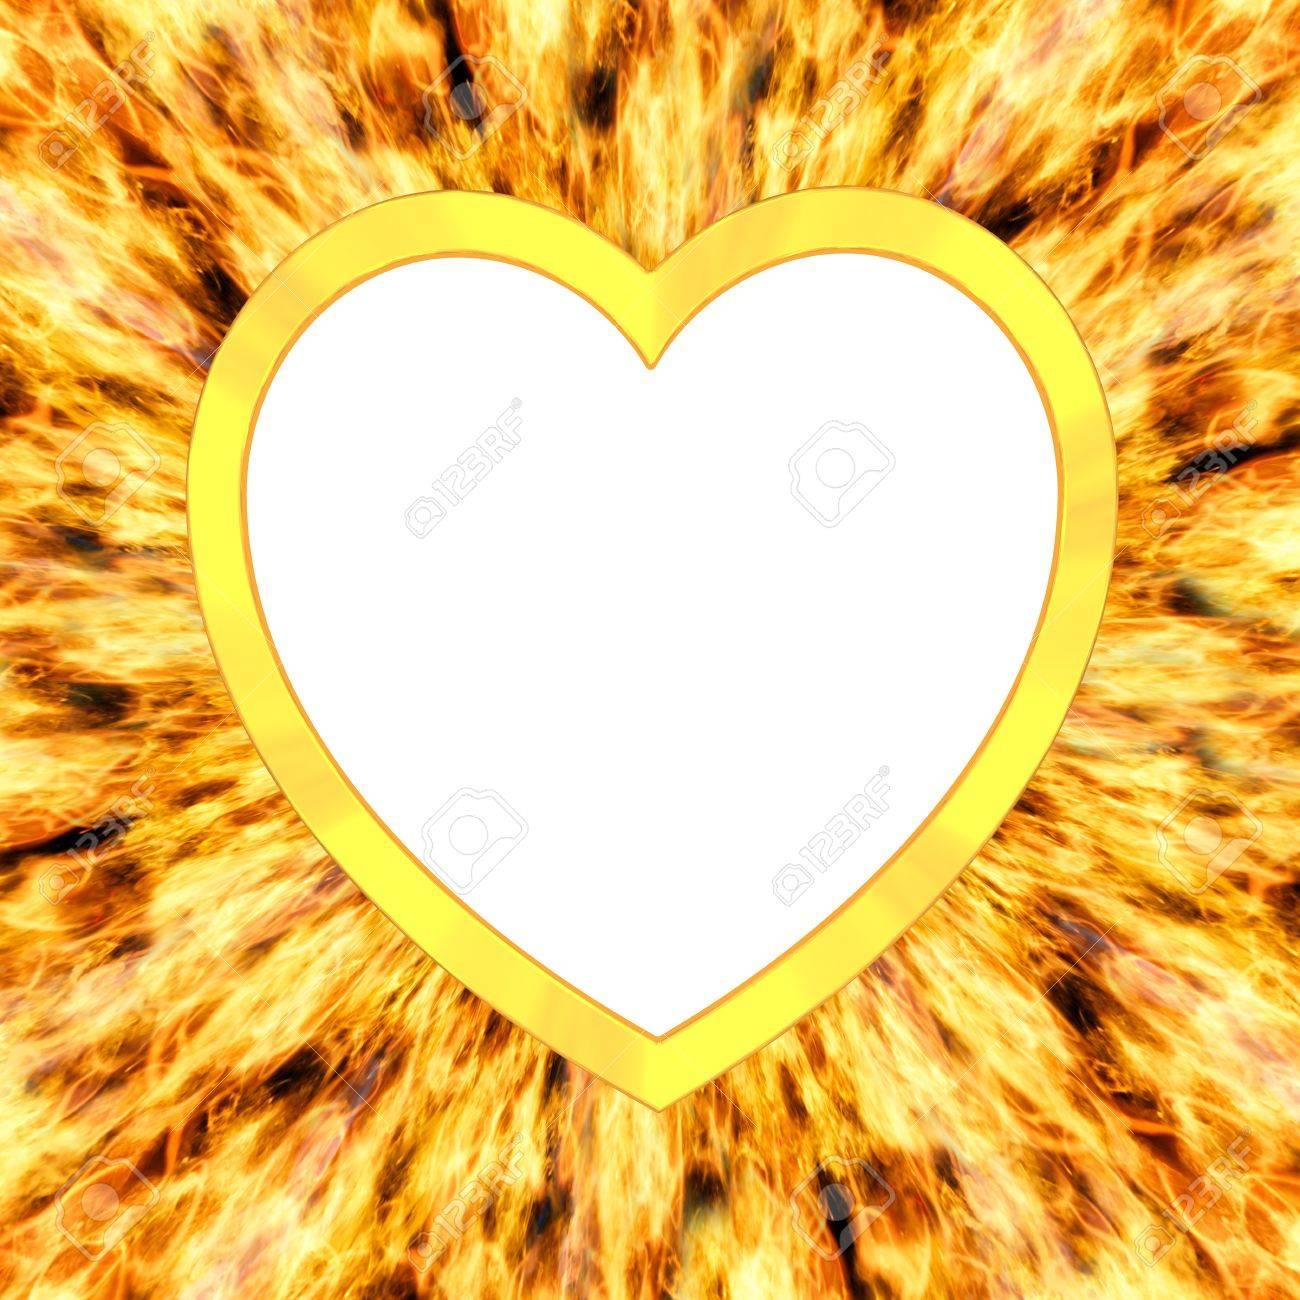 Blank Rahmen In Herzform Auf Flamme Hintergrund Hochauflösende 3D ...